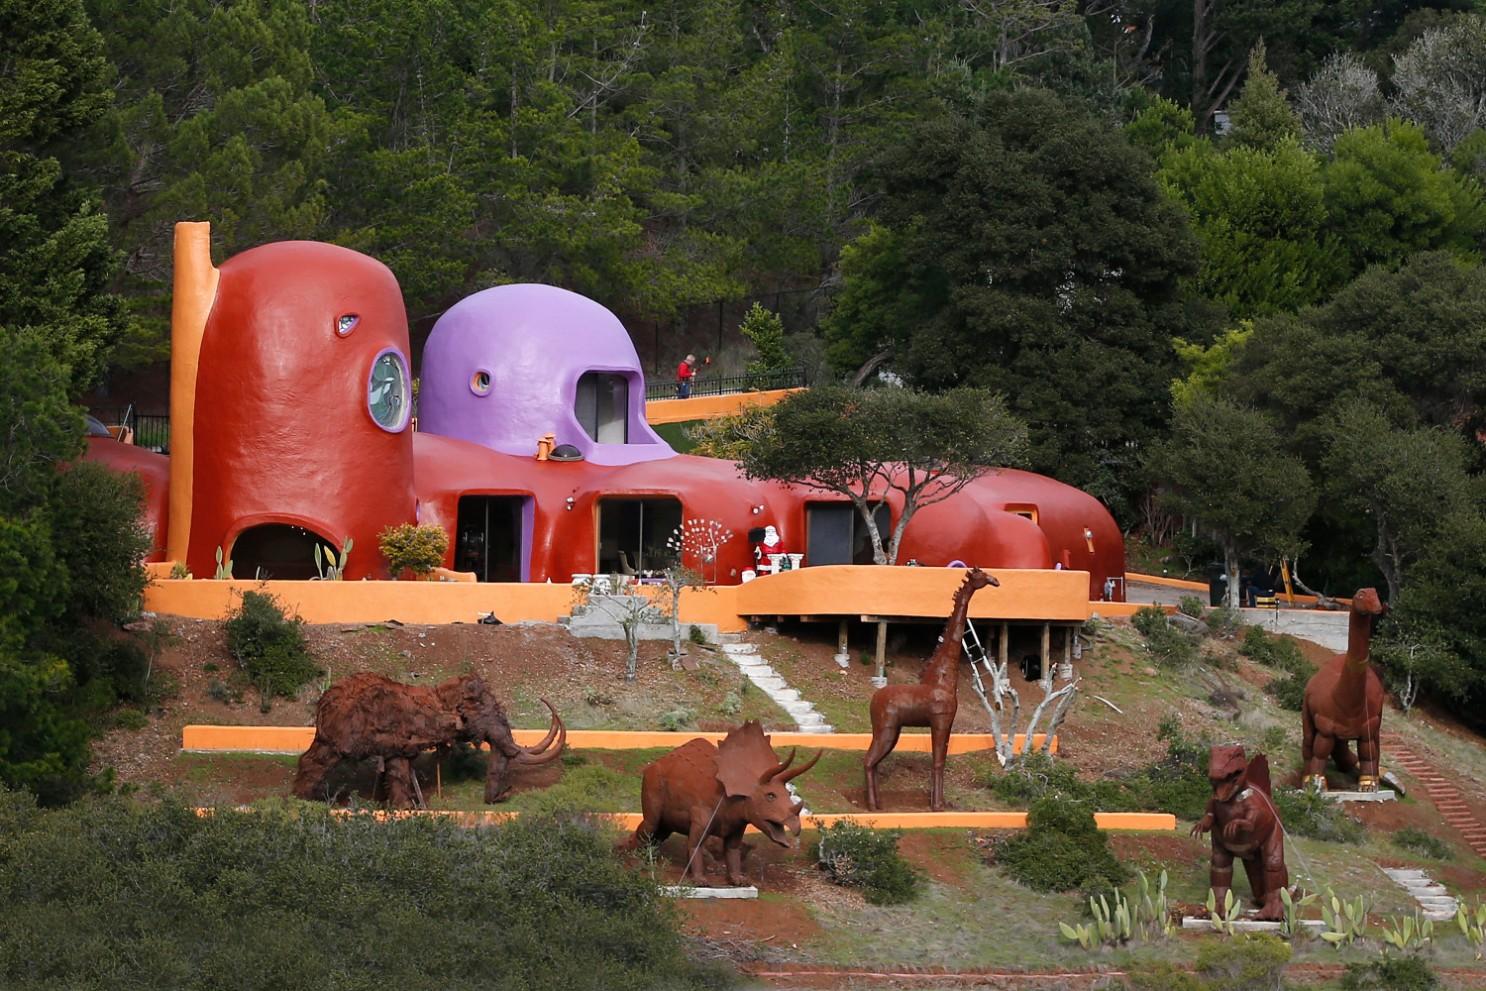 E frymëzuar nga filmi i njohur vizatimor, kjo shtëpi e çuditshme ka vlerë marramendëse